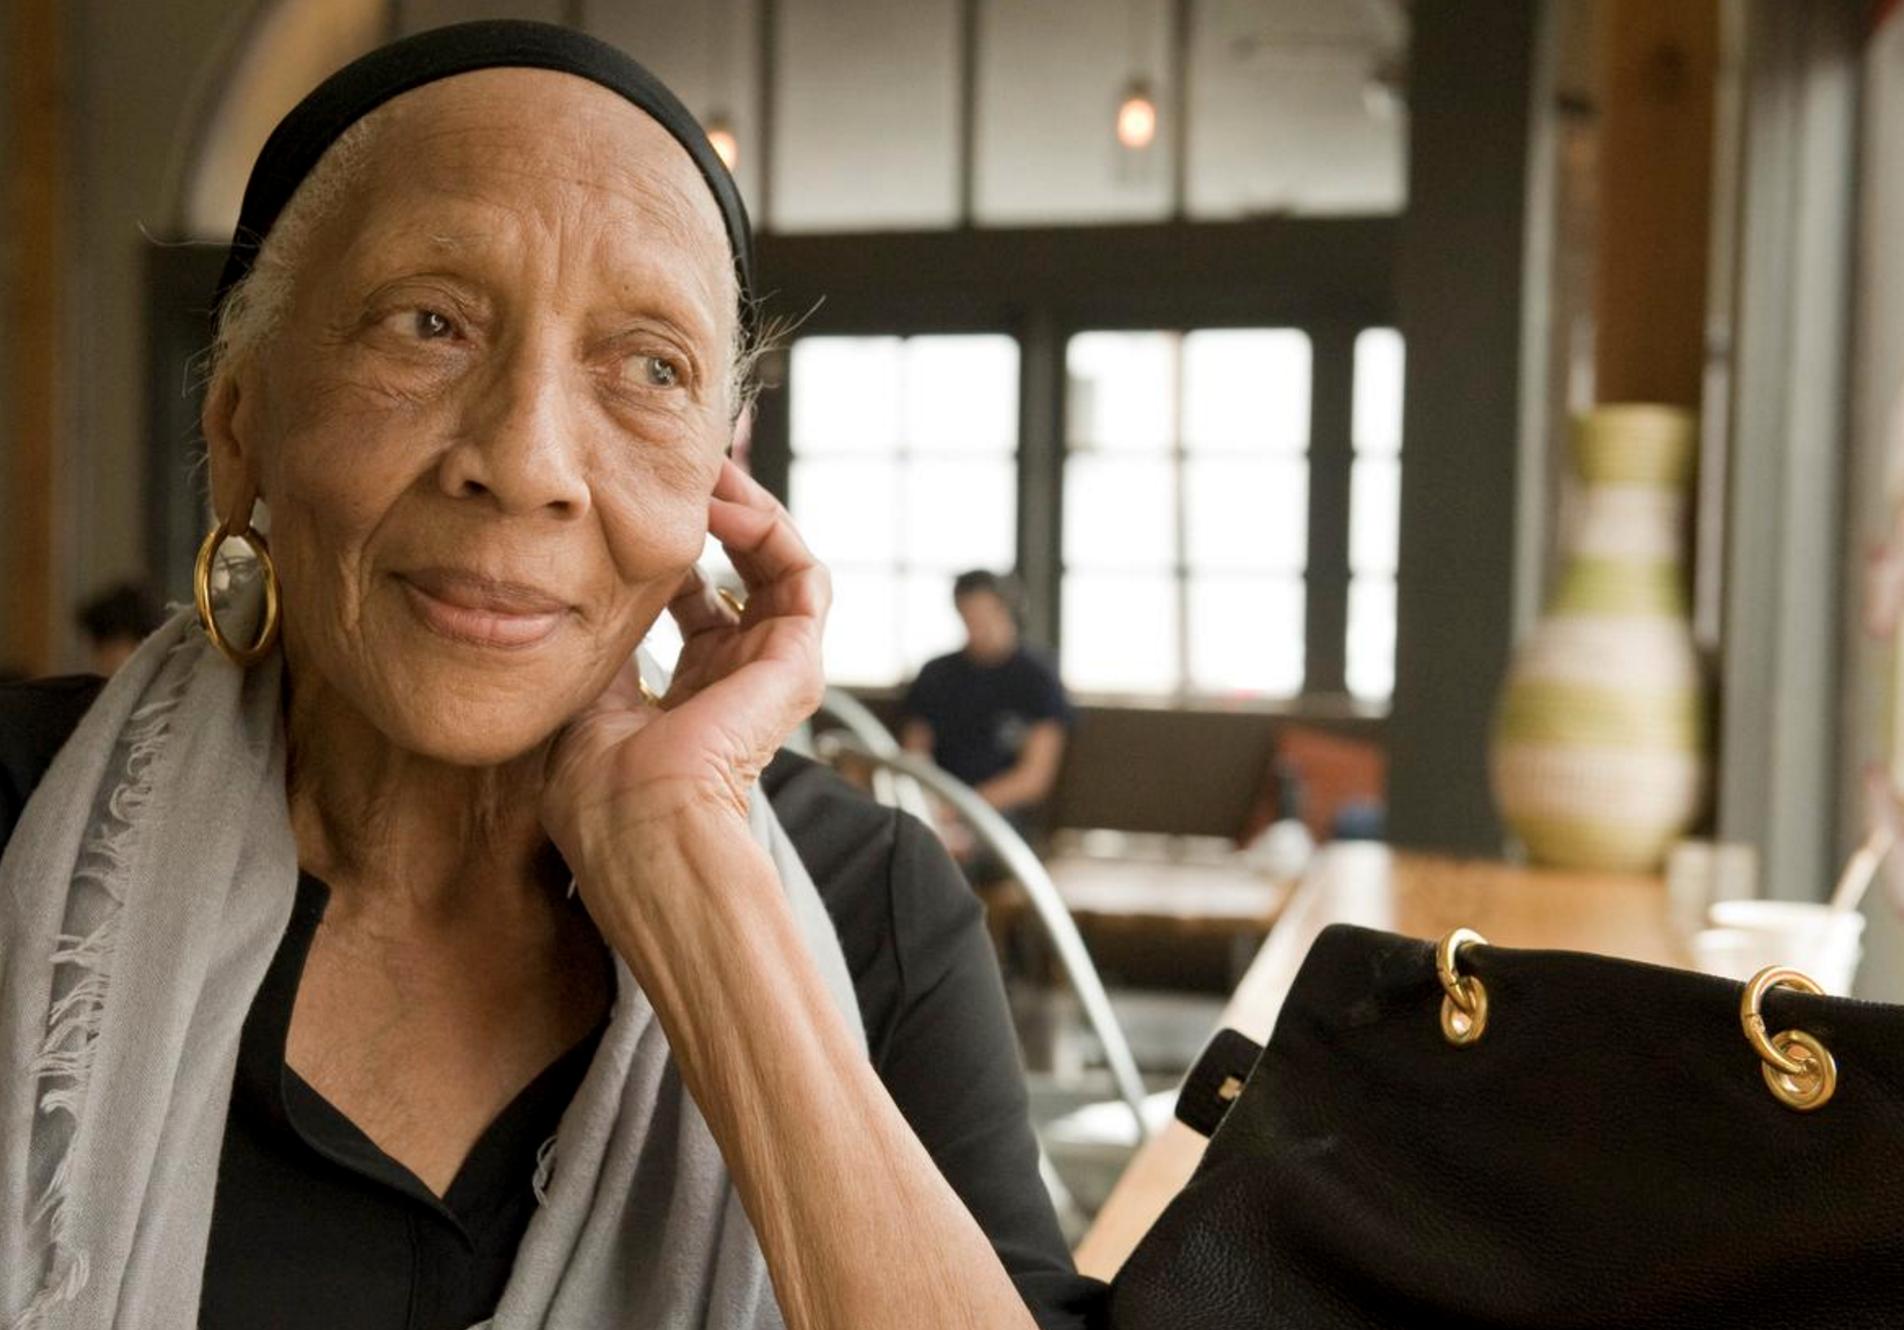 Ella Es Doris Payne. La Abuela A La Que Los Joyeros Le Temen Por Ser Una Maestra Robando Prendas De Lujo